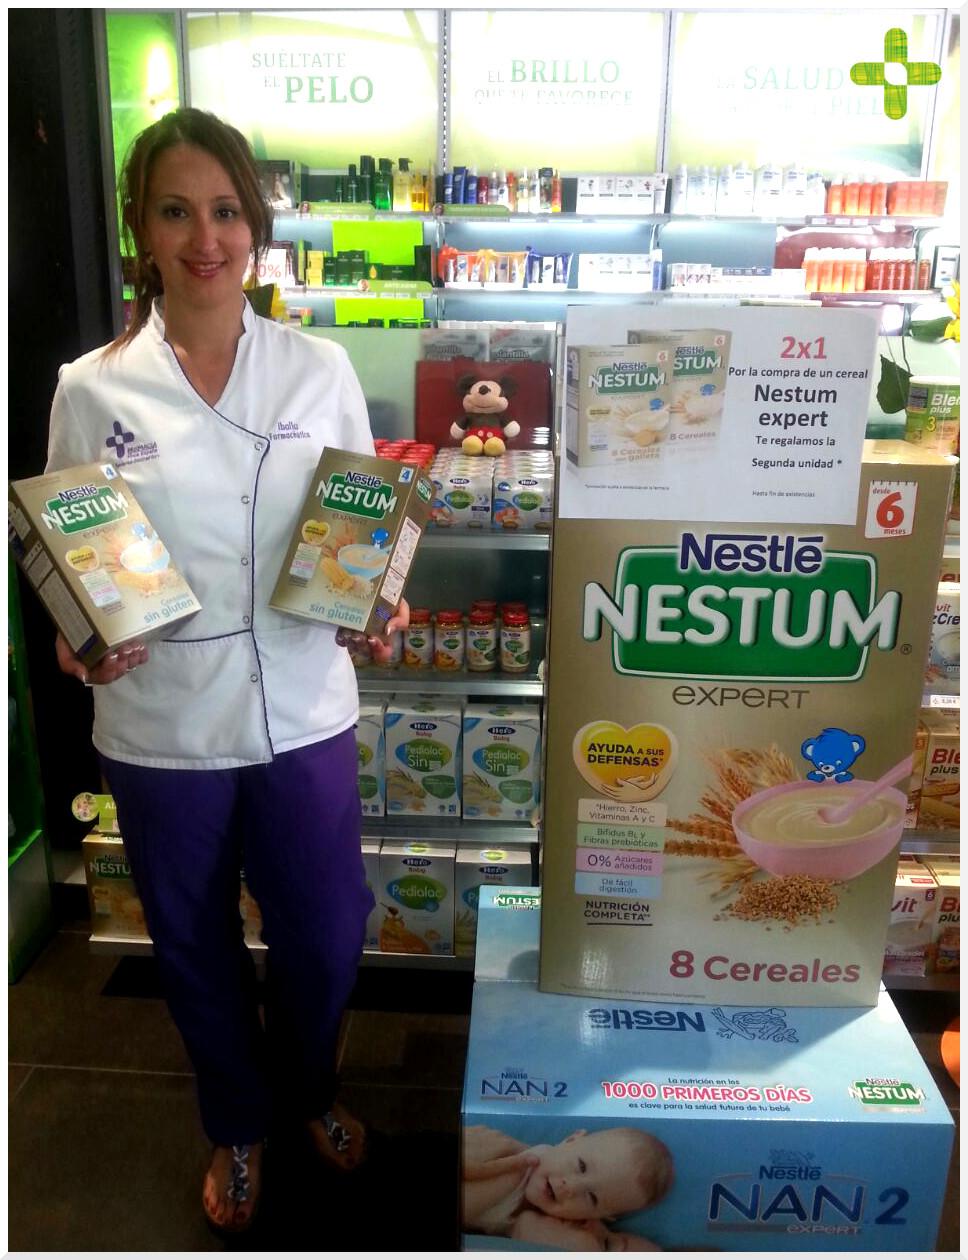 Farmacia Tenerife nestum